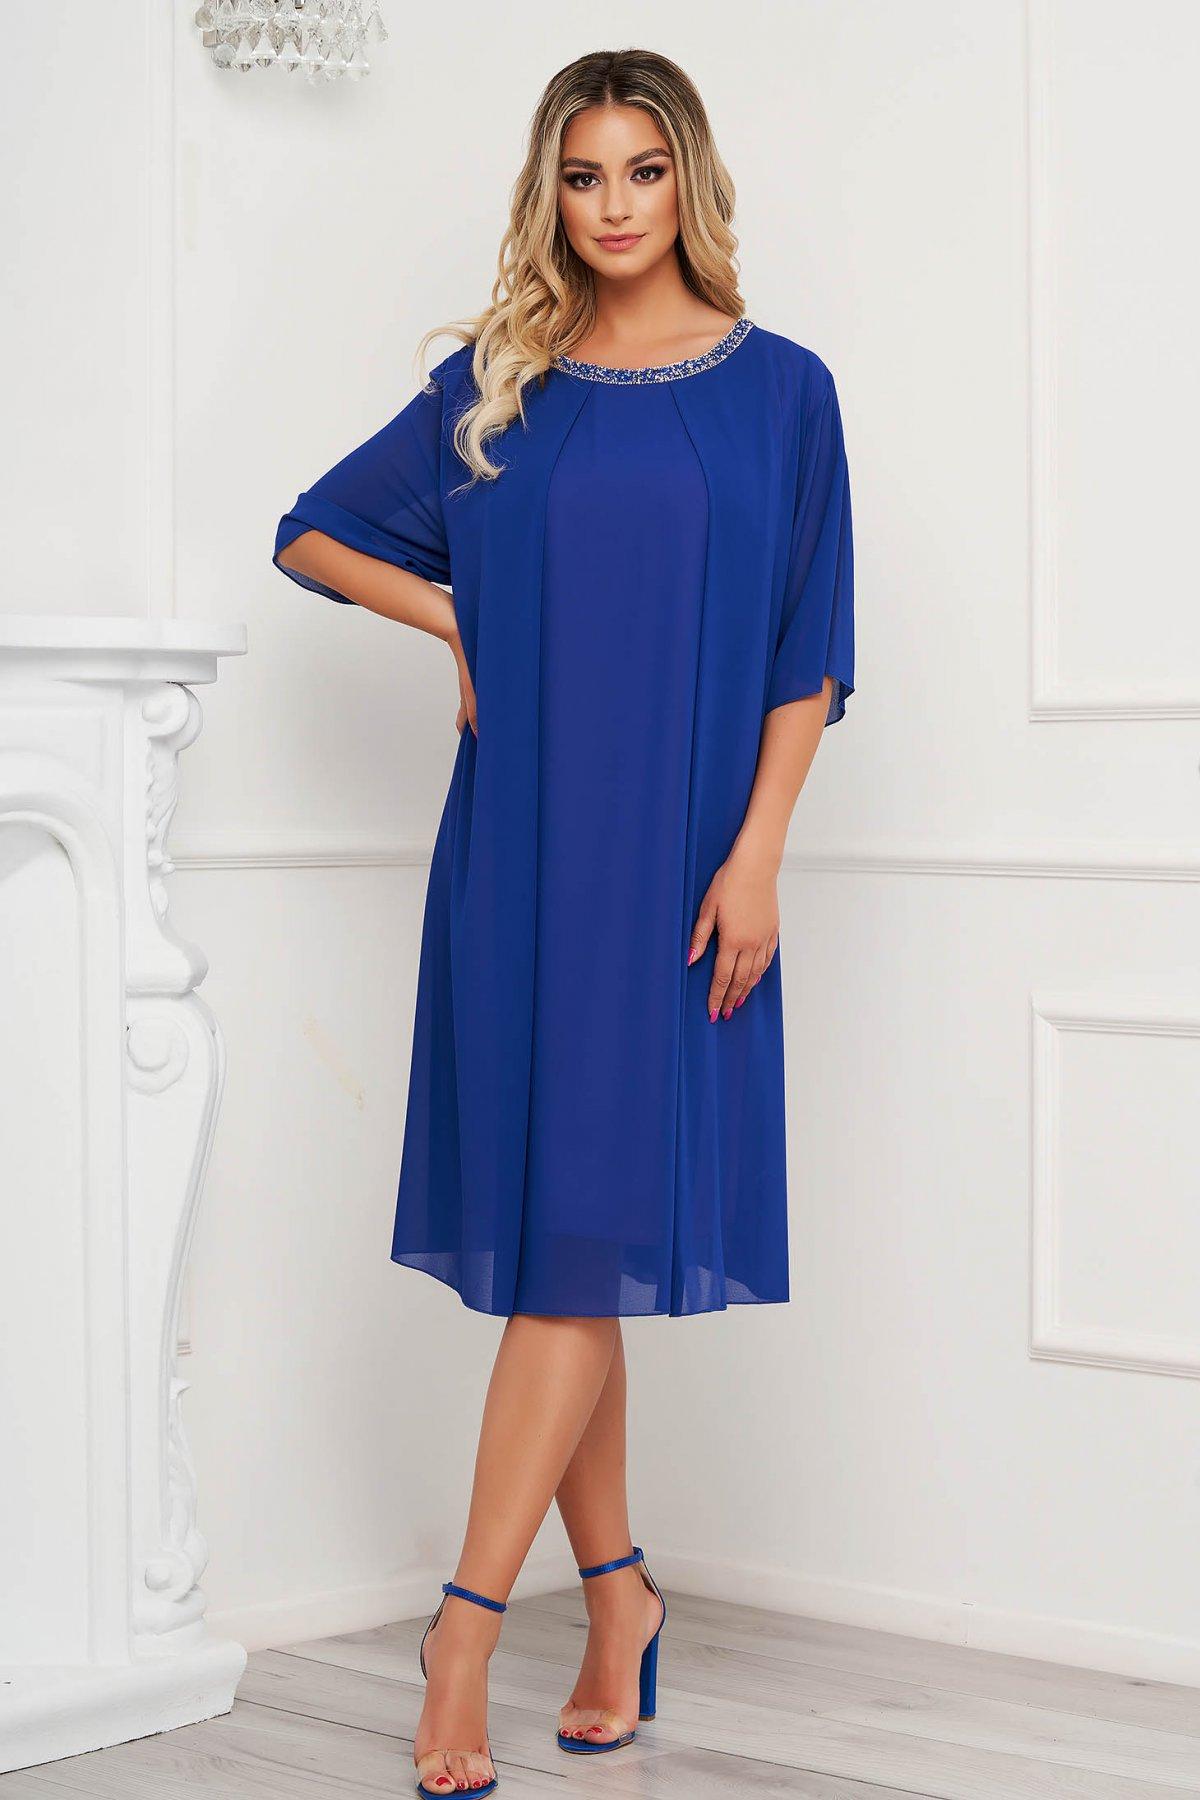 Rochie albastra midi cu croi larg din voal cu aplicatii cu pietre strass la decolteu - medelin.ro